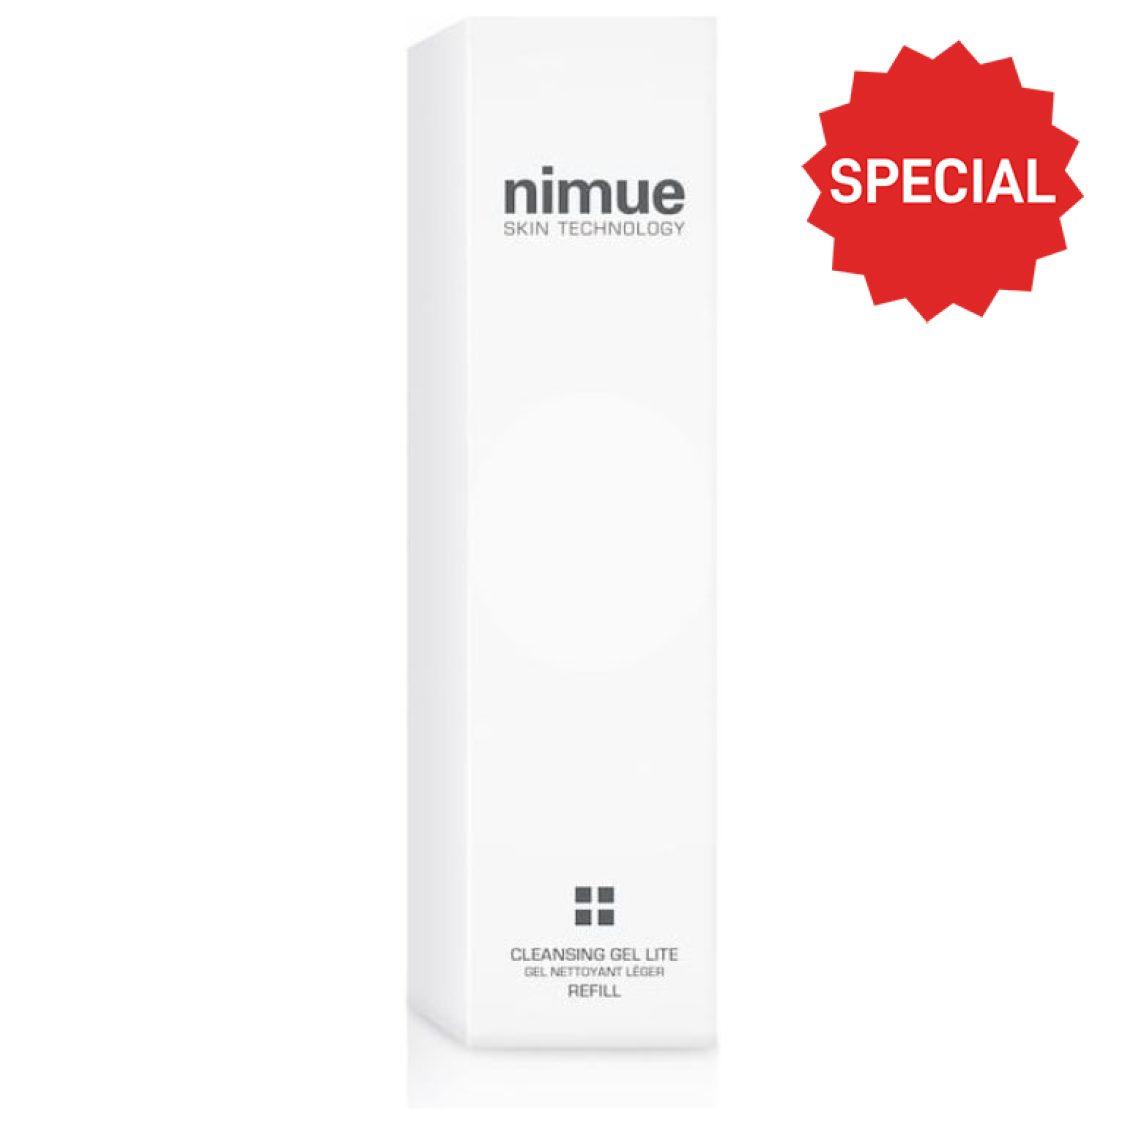 Nimue -  Cleansing Gel Lite 140ml - Refill